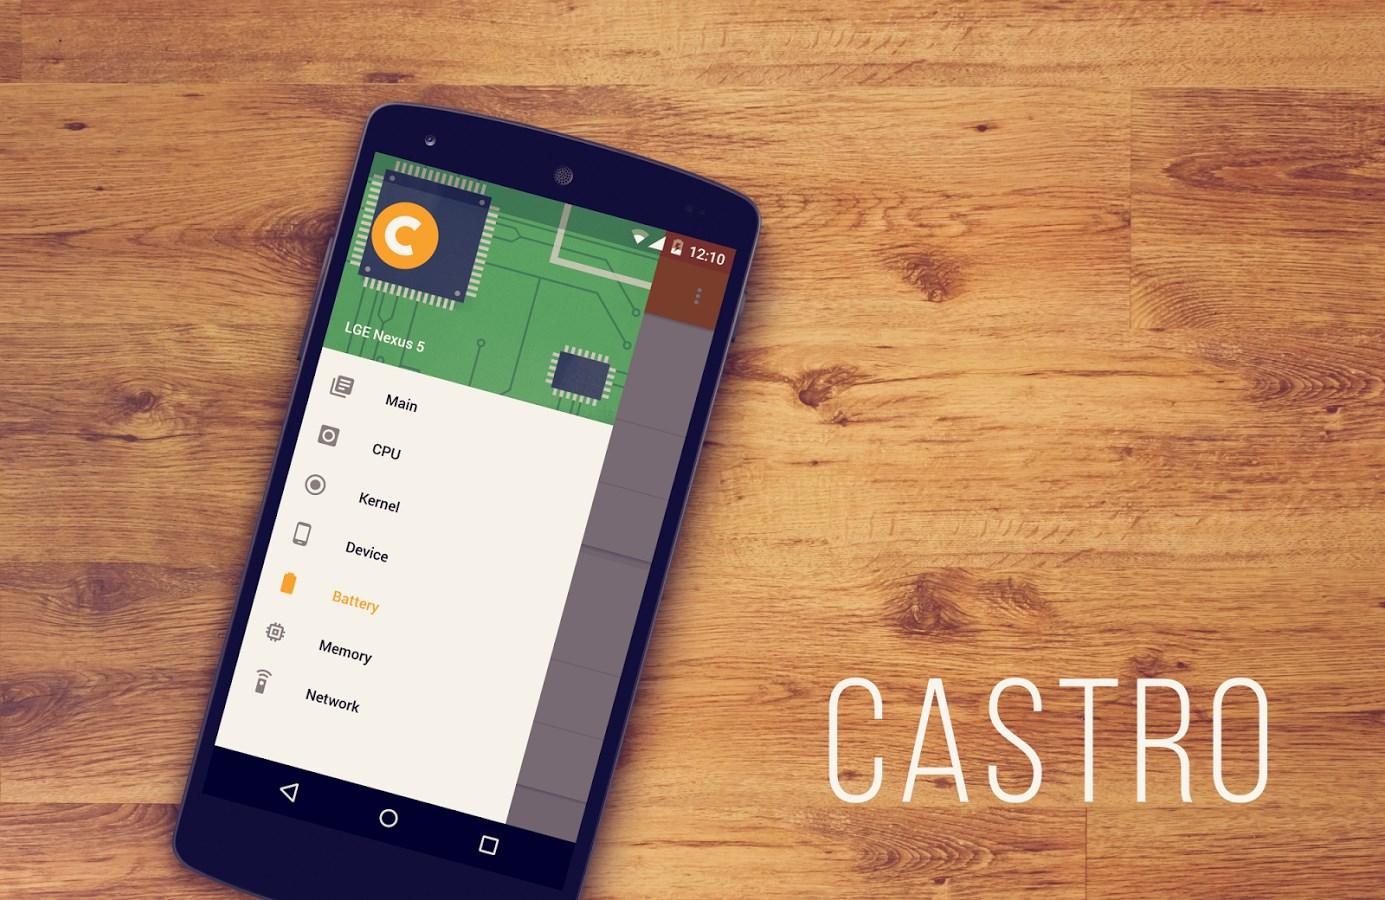 Castro - Imagem 1 do software